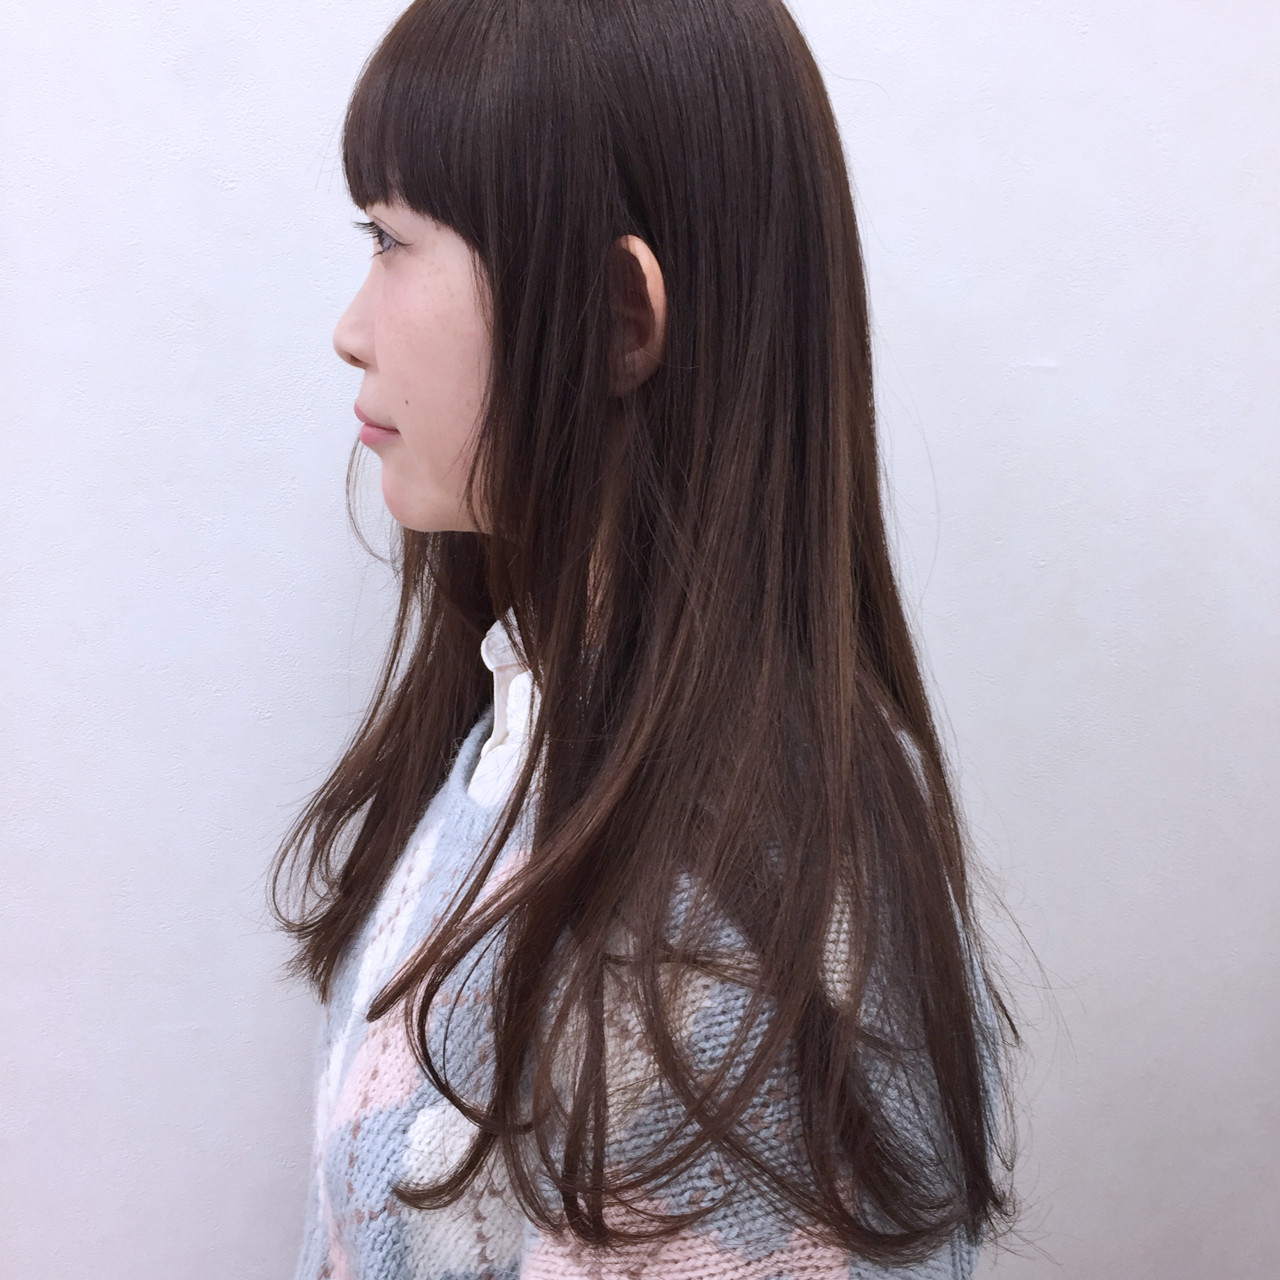 グラデーションカラー ガーリー ロング 前髪あり ヘアスタイルや髪型の写真・画像 | YSO / 電髪倶楽部street